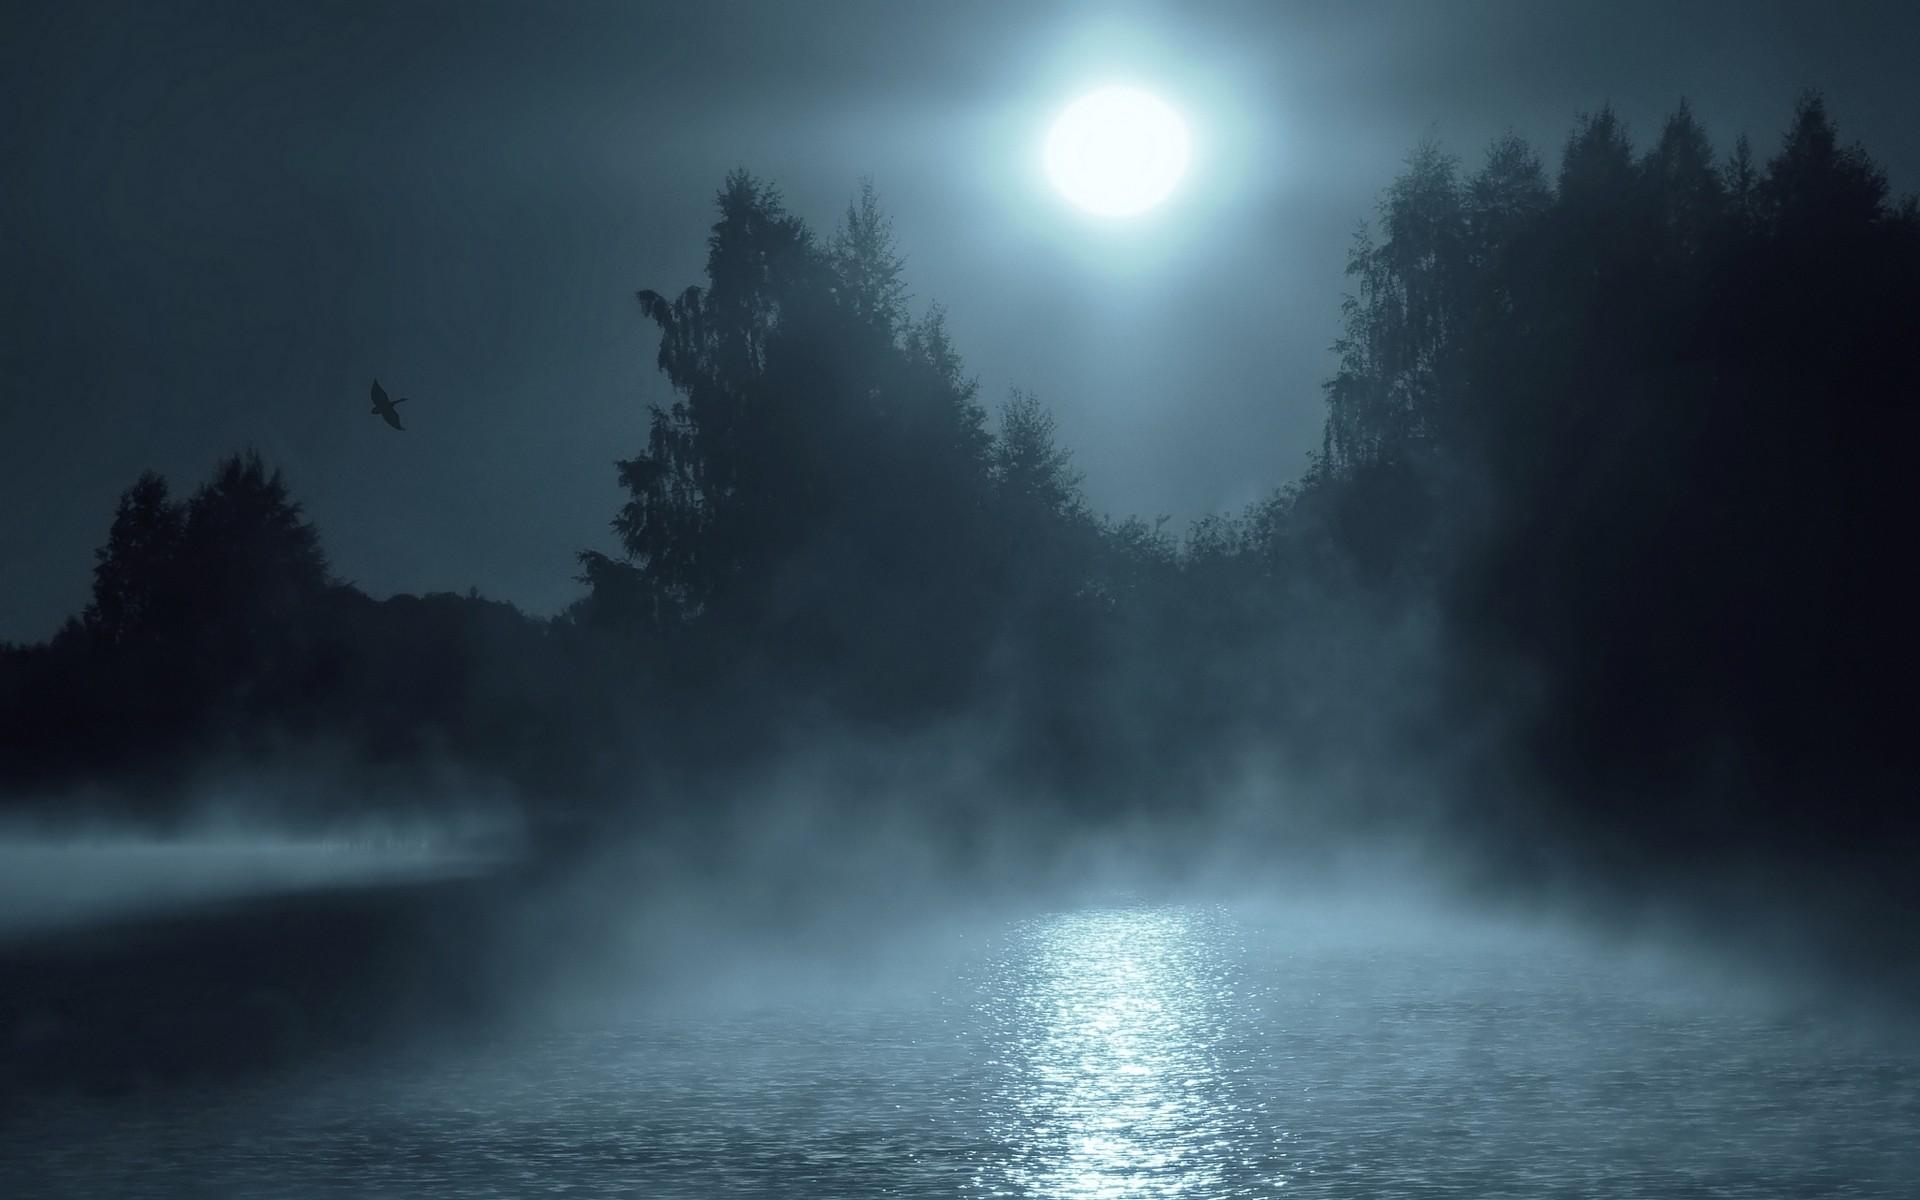 картинки на тему ночь и густой туман этого